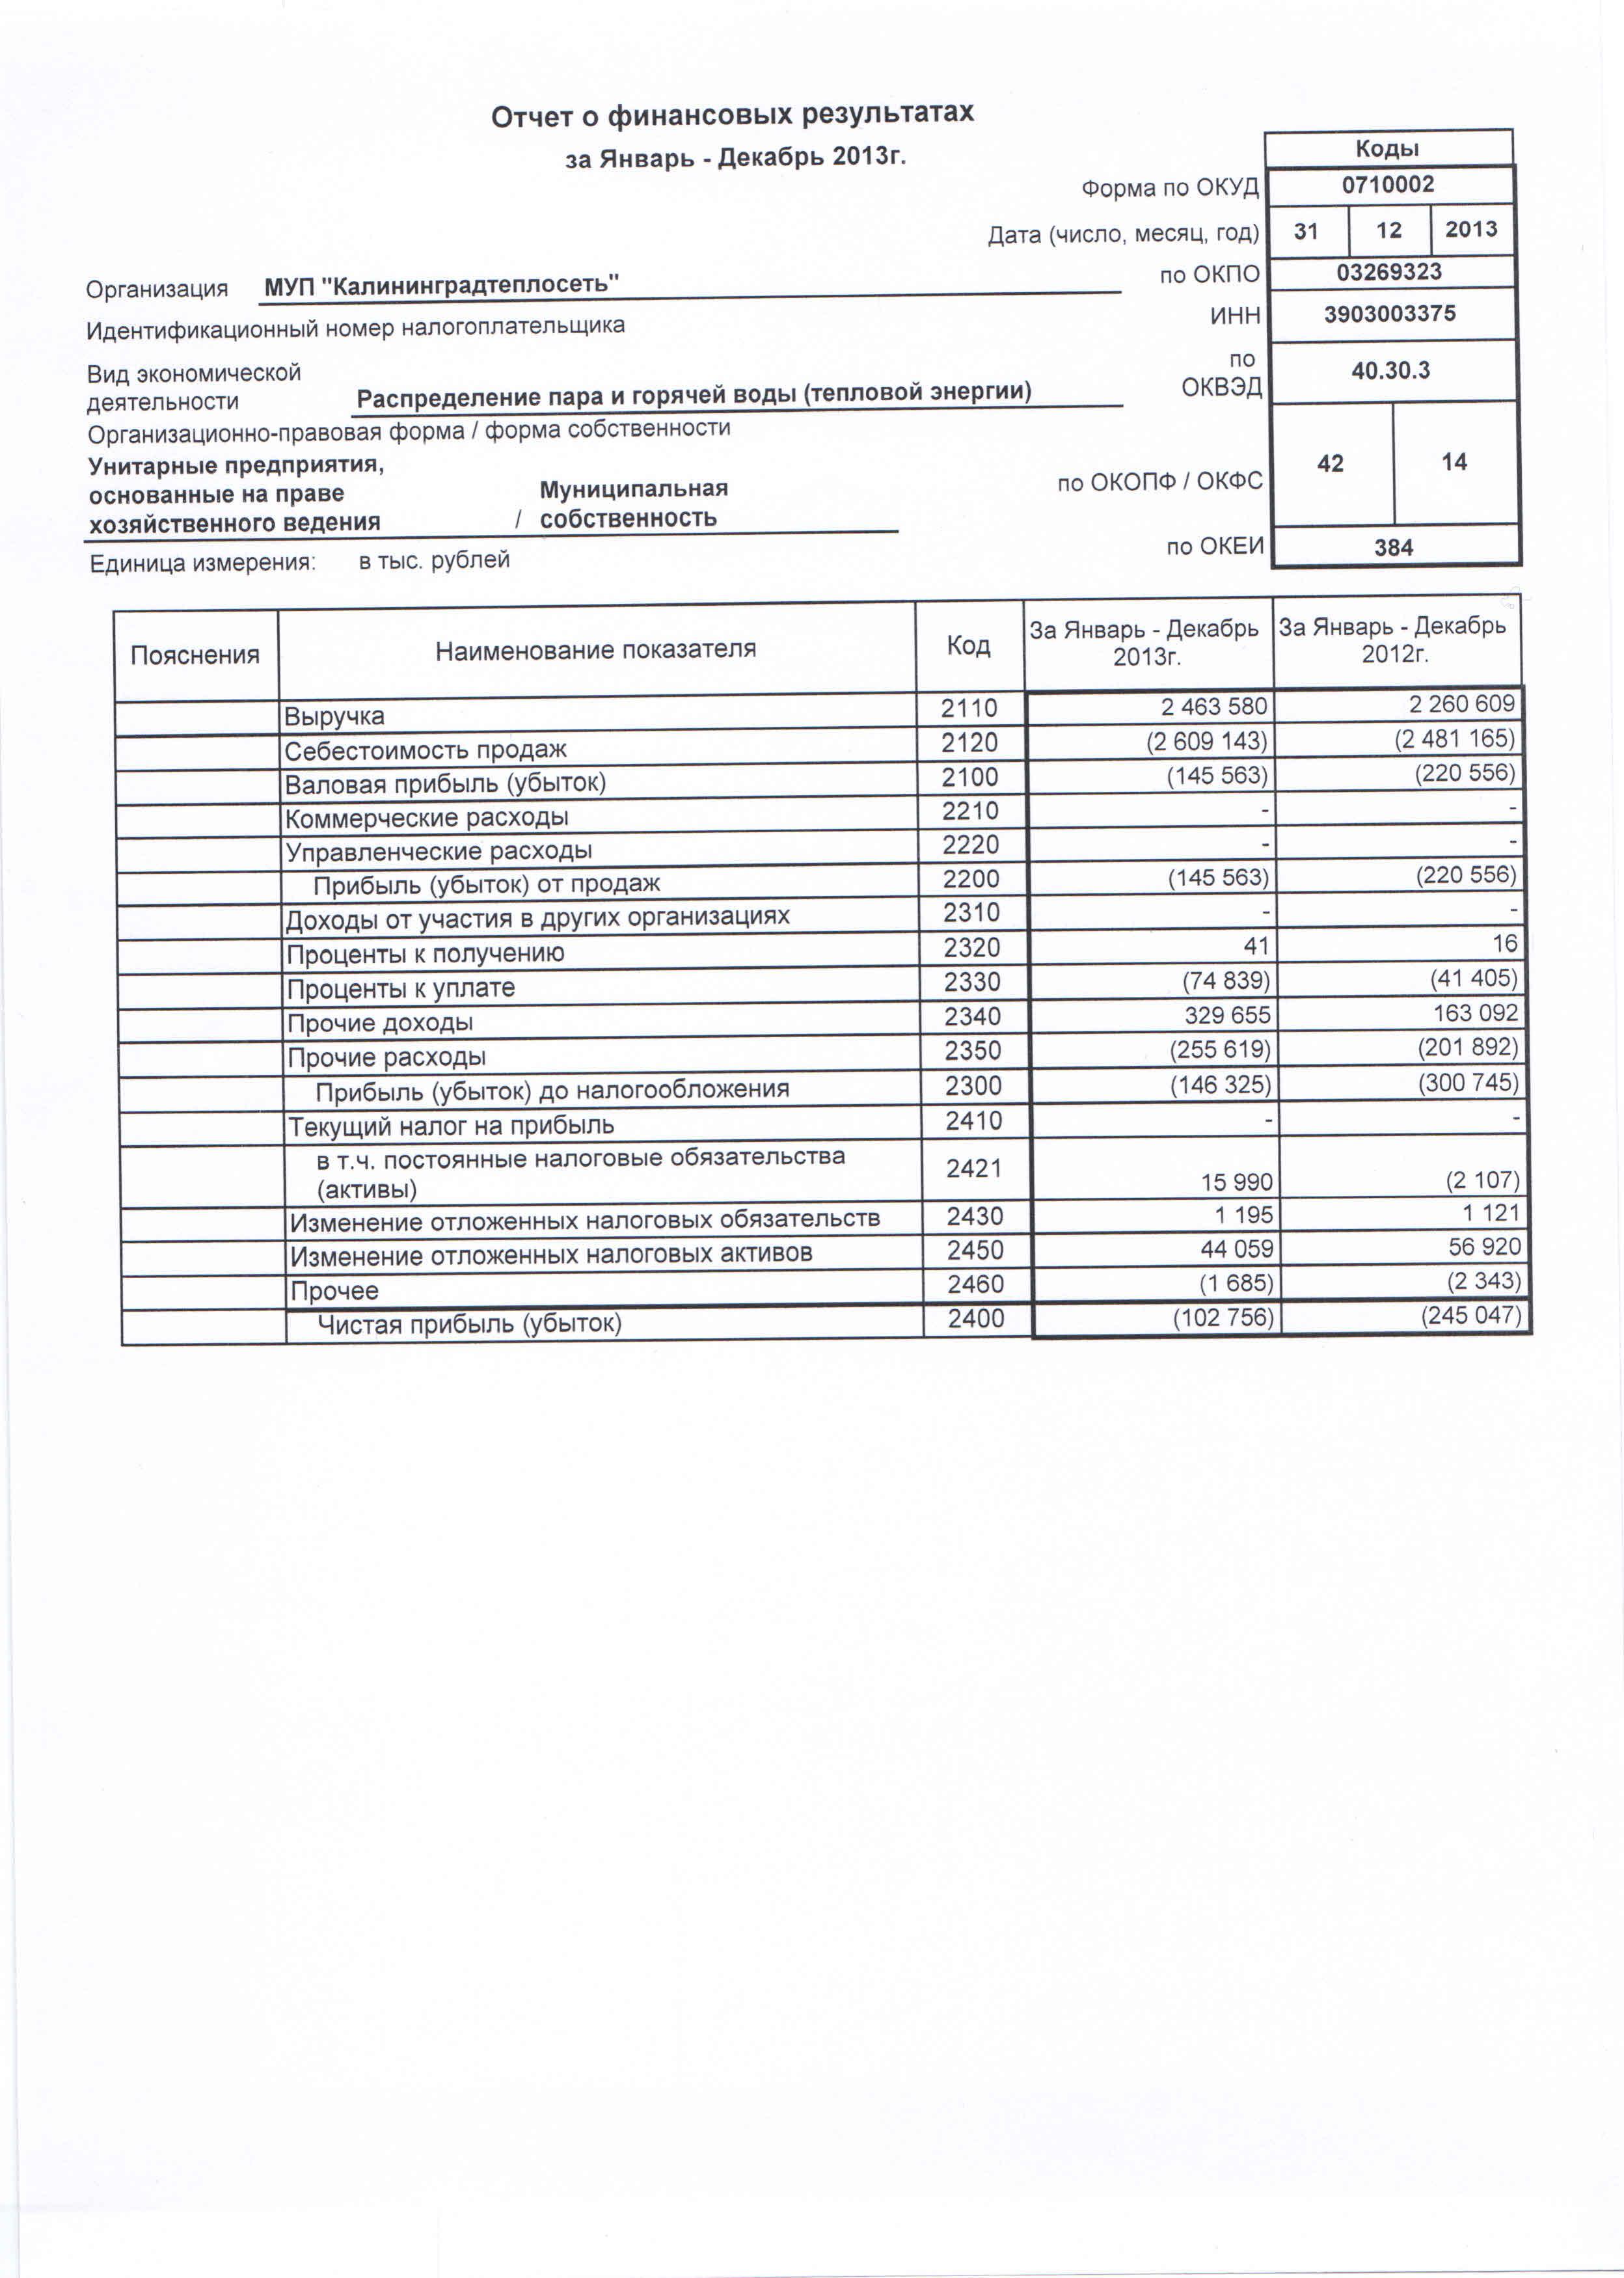 Основные показатели финансово хозяйственной деятельности Отчет о финансовых результатах за 2013 1